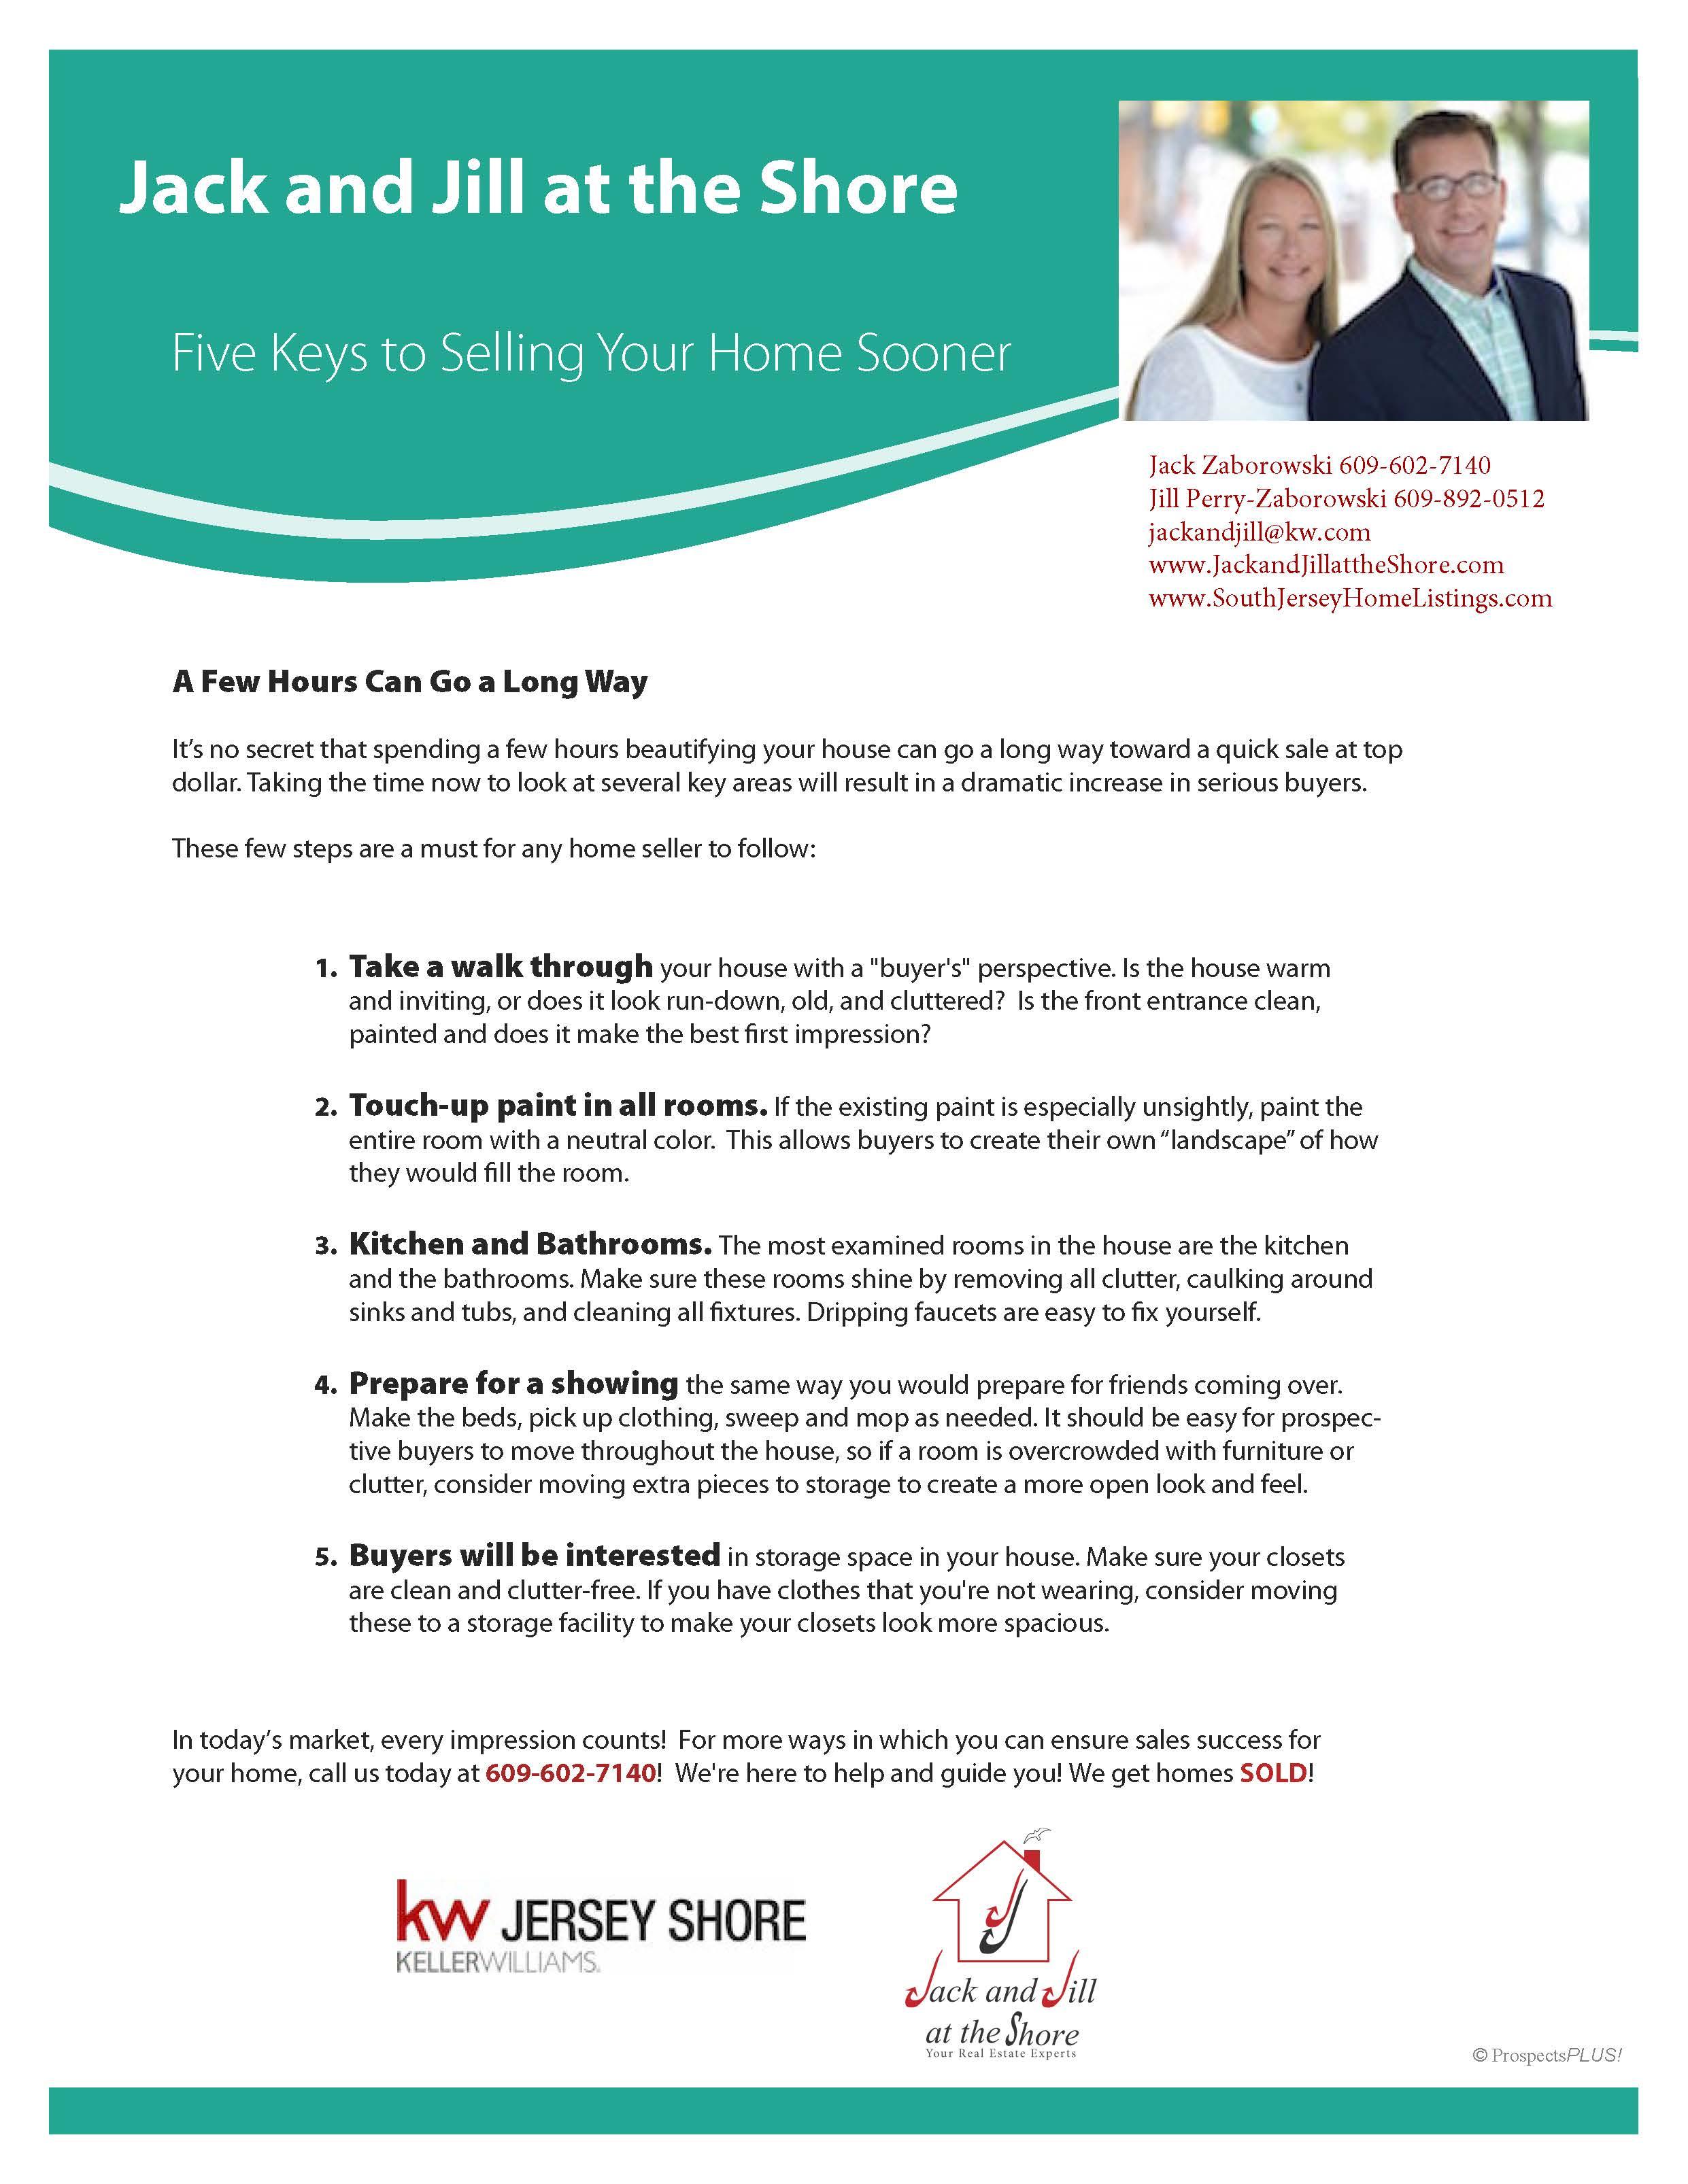 Five_Keys_to_Selling.jpg